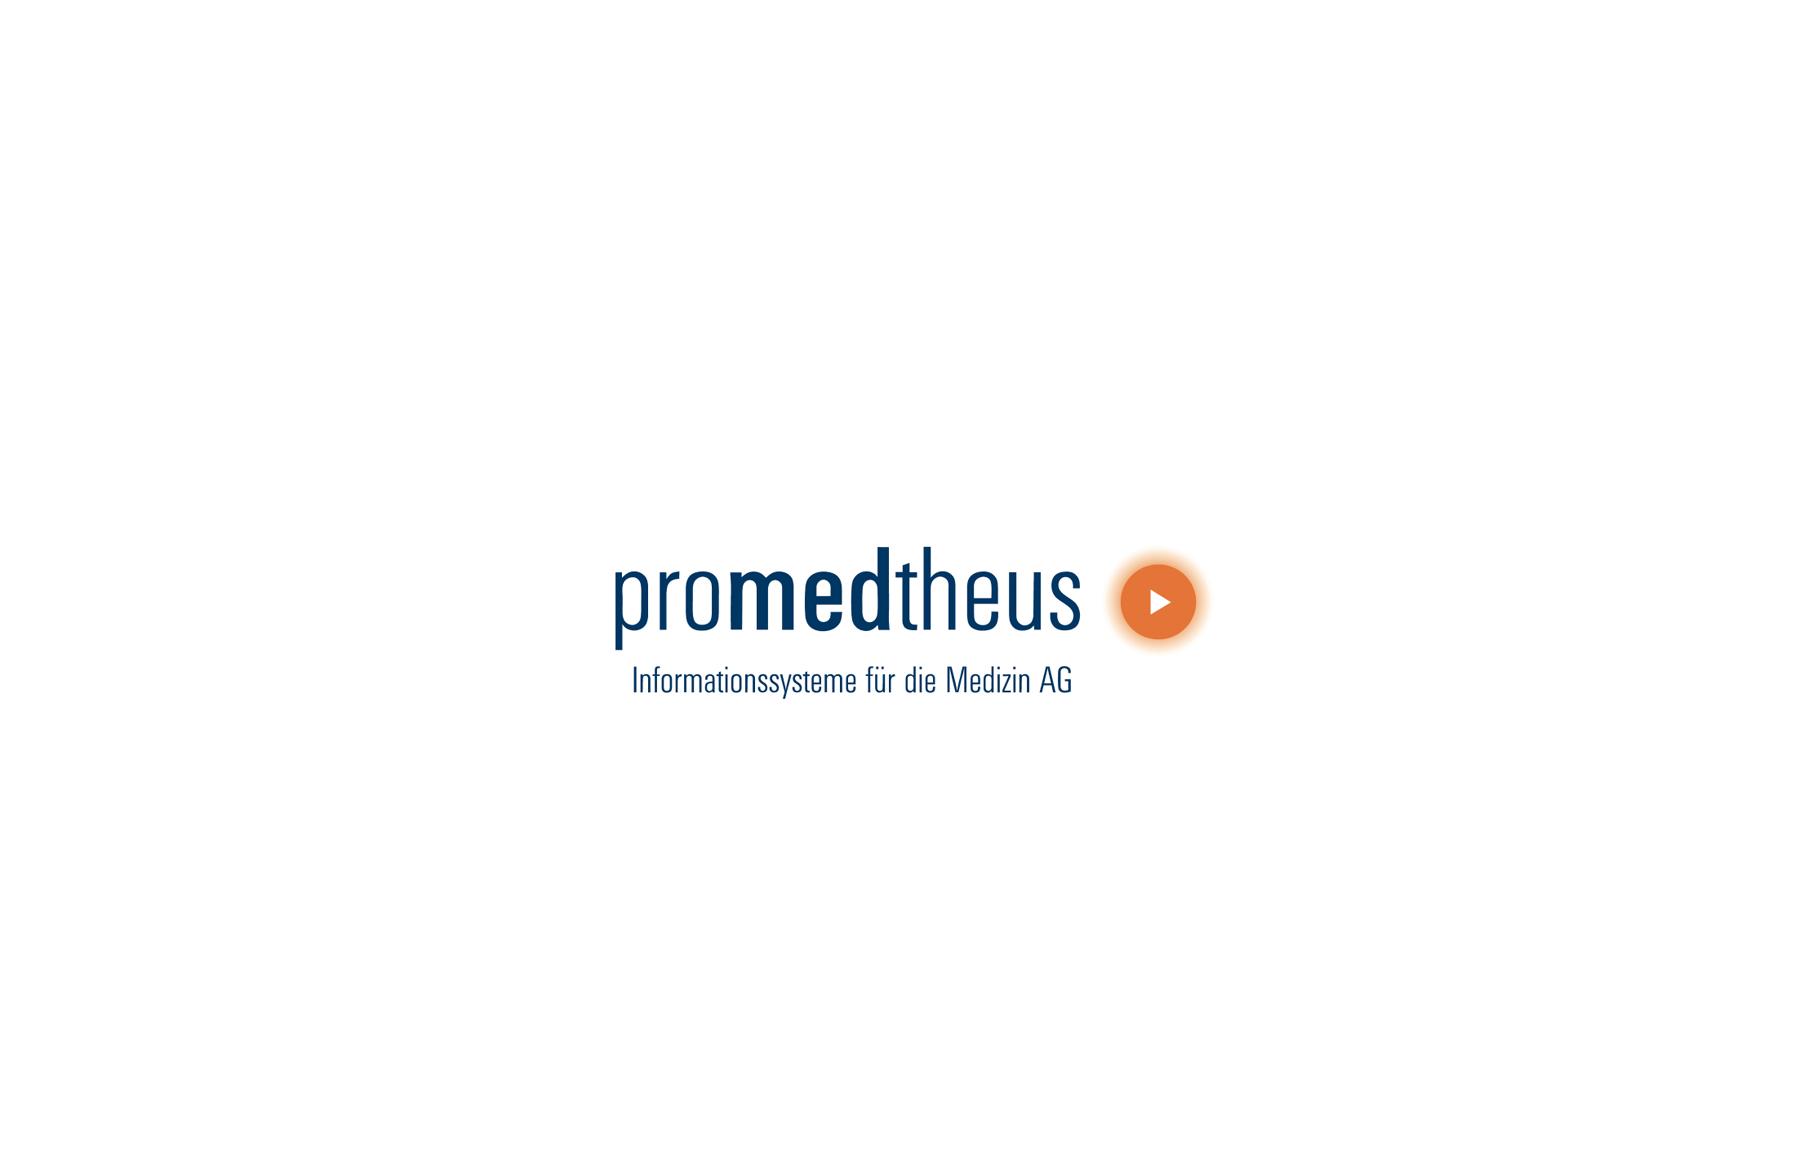 promedtheus